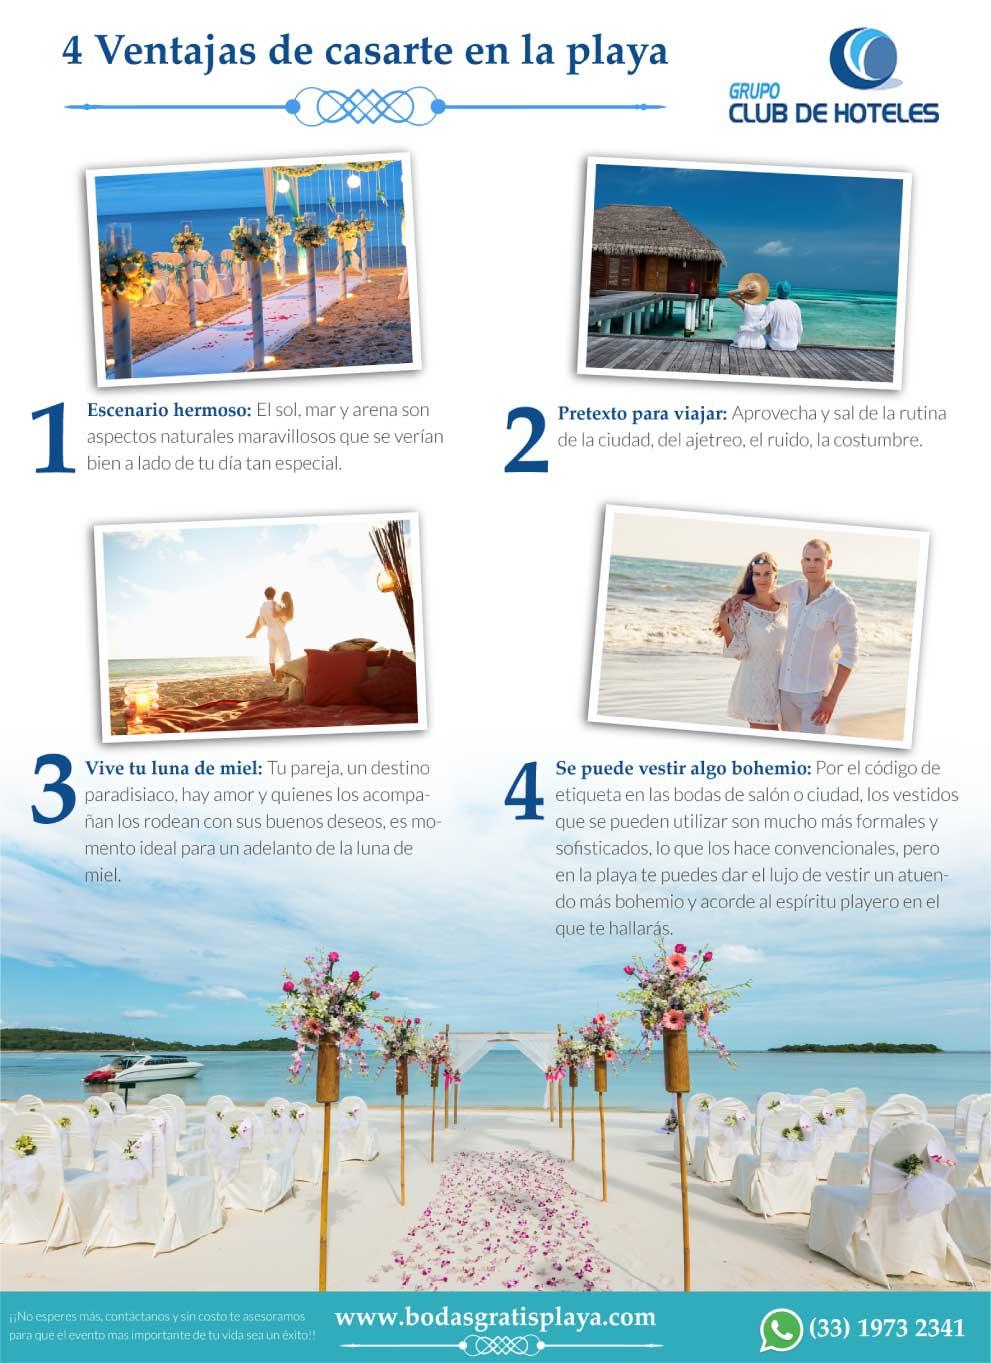 ventajas de casarse en la playa